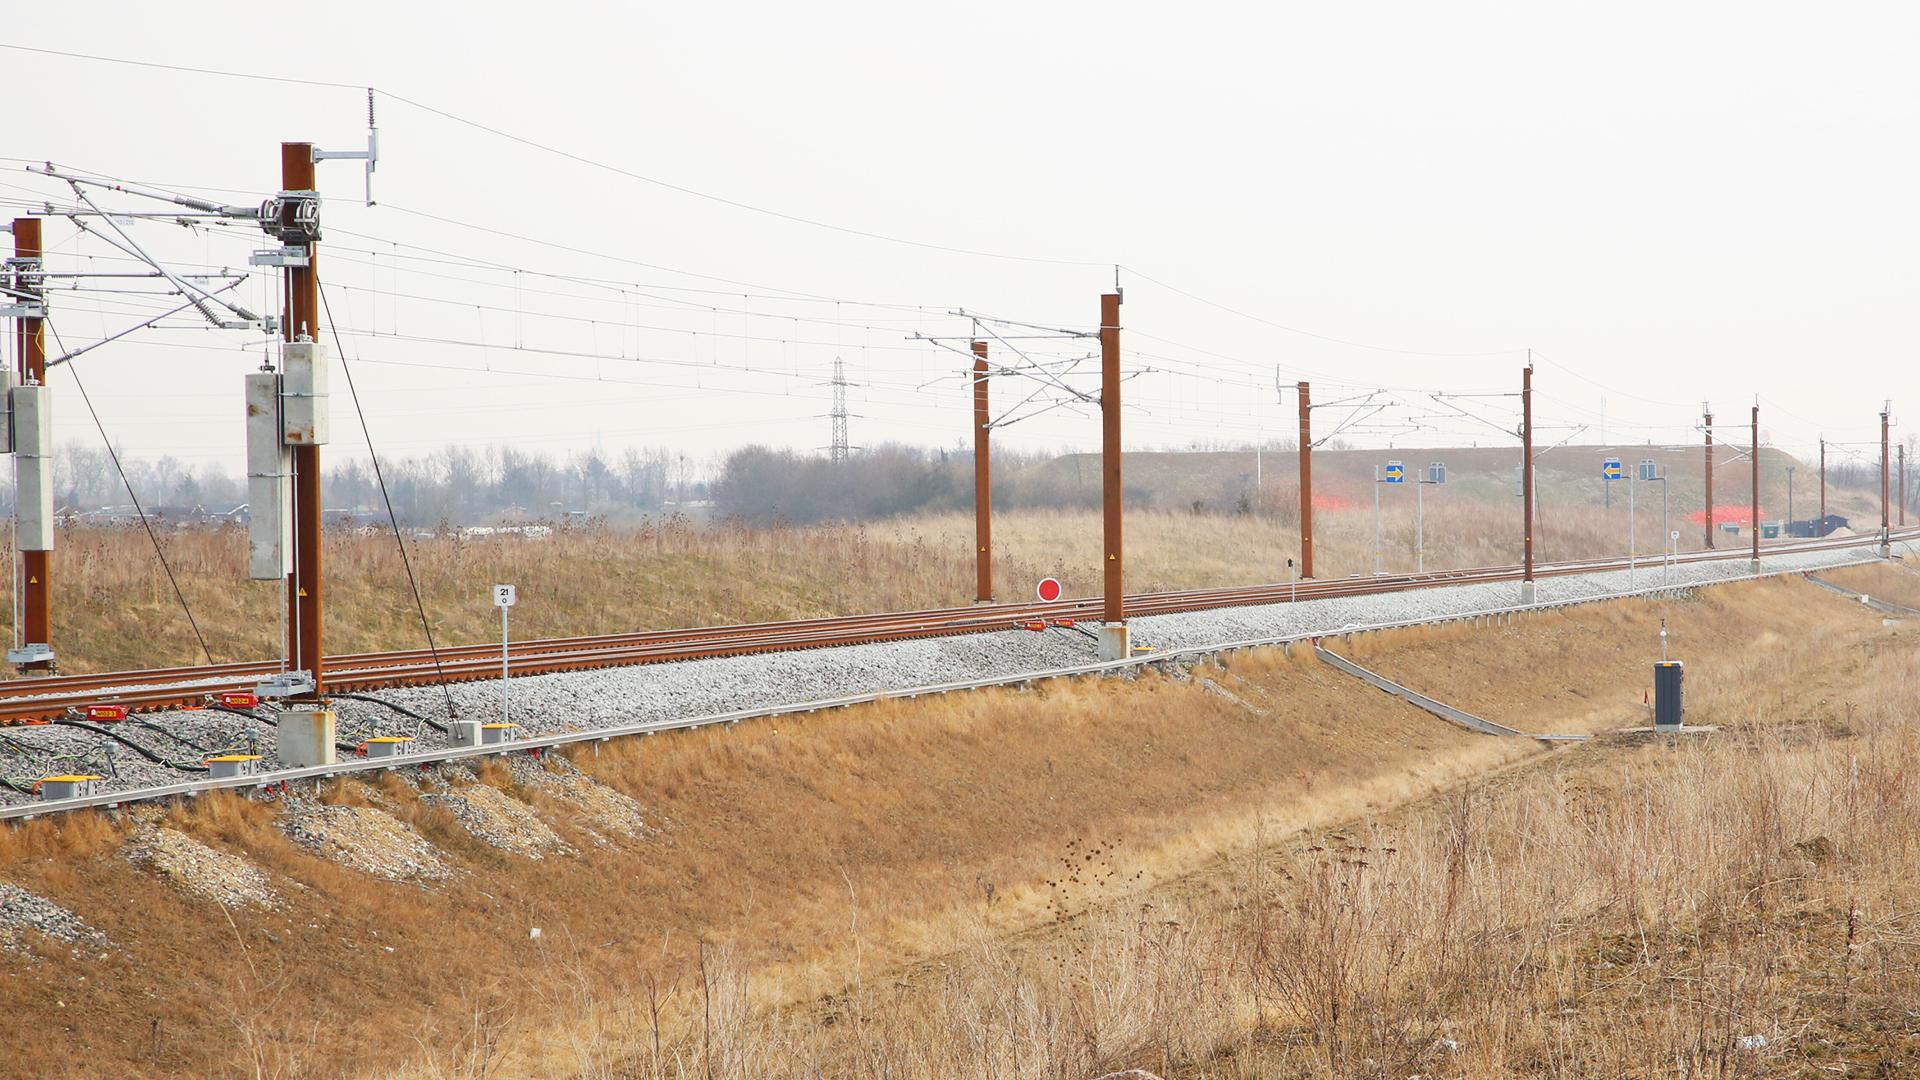 dánia, nagysebességű vasút